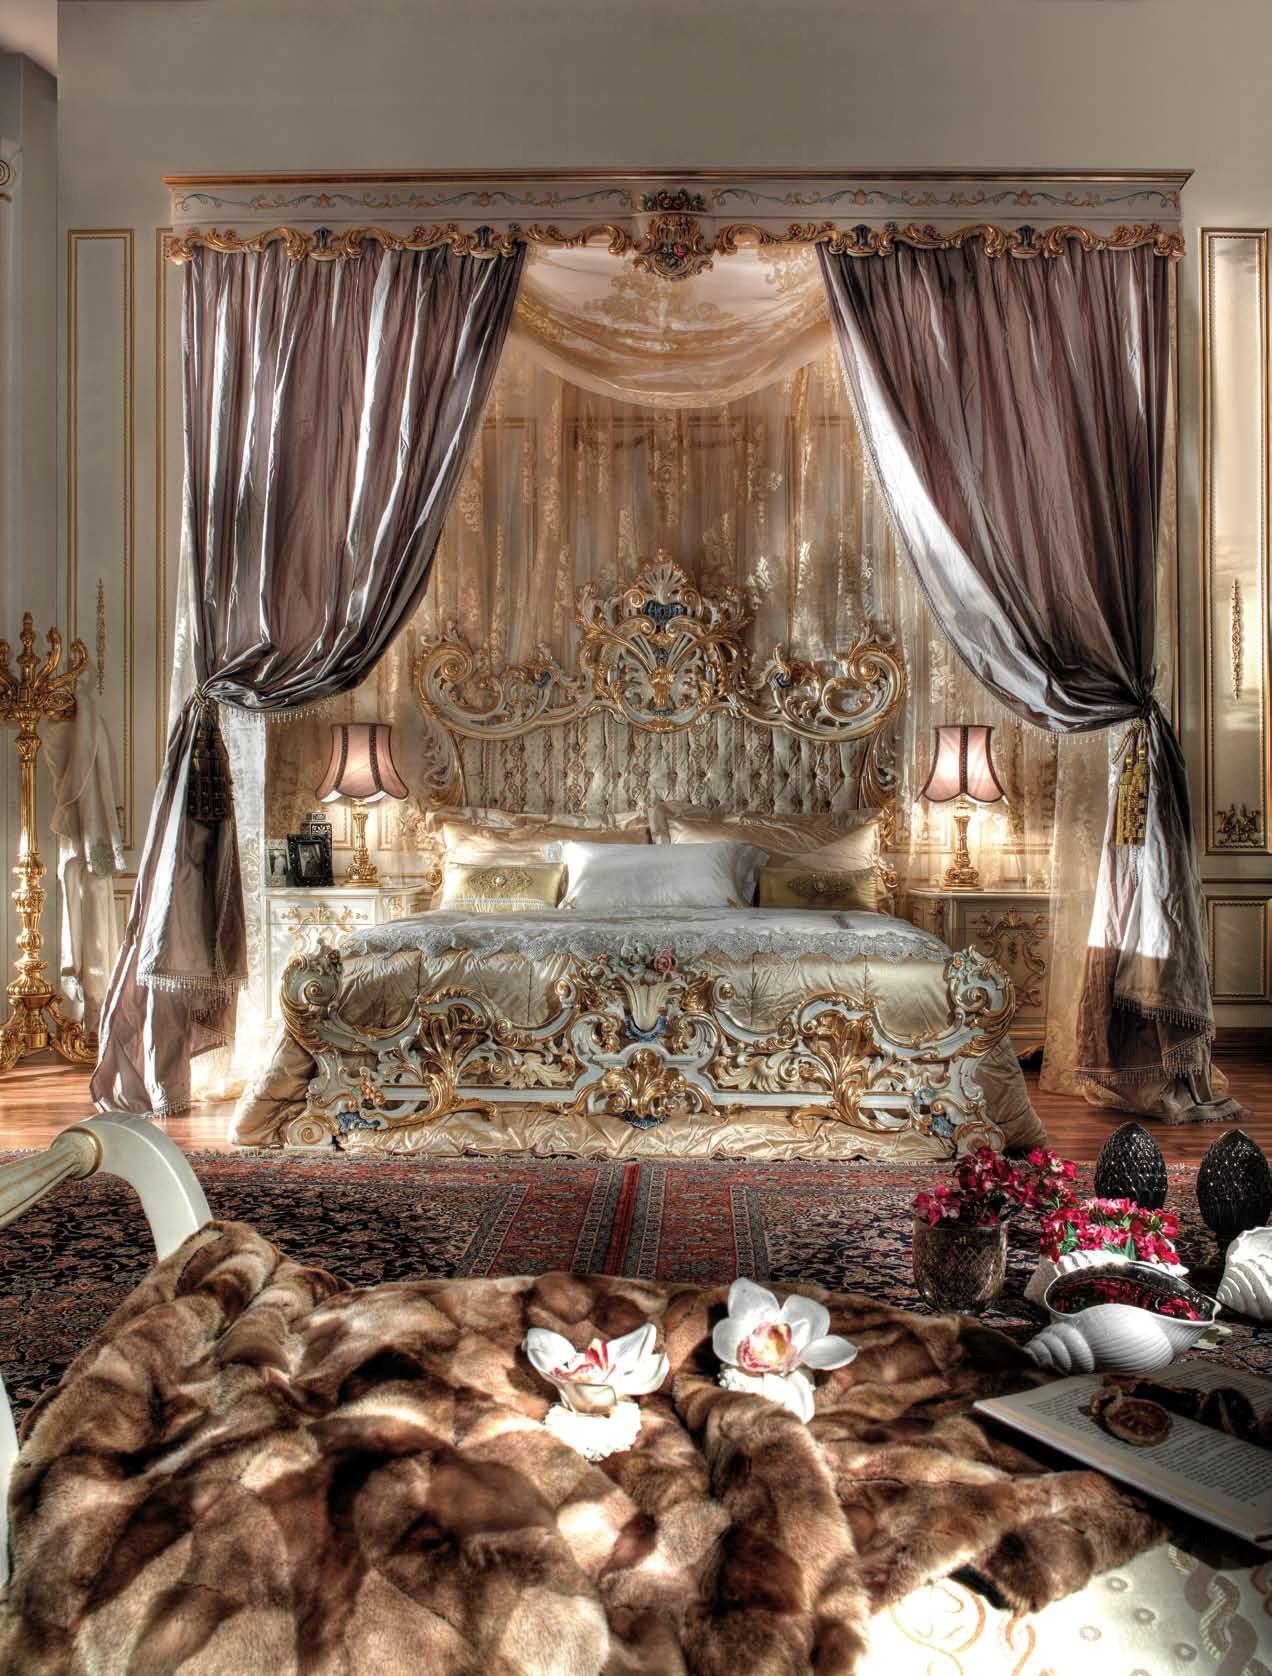 Royal Bedroom Furniture Images